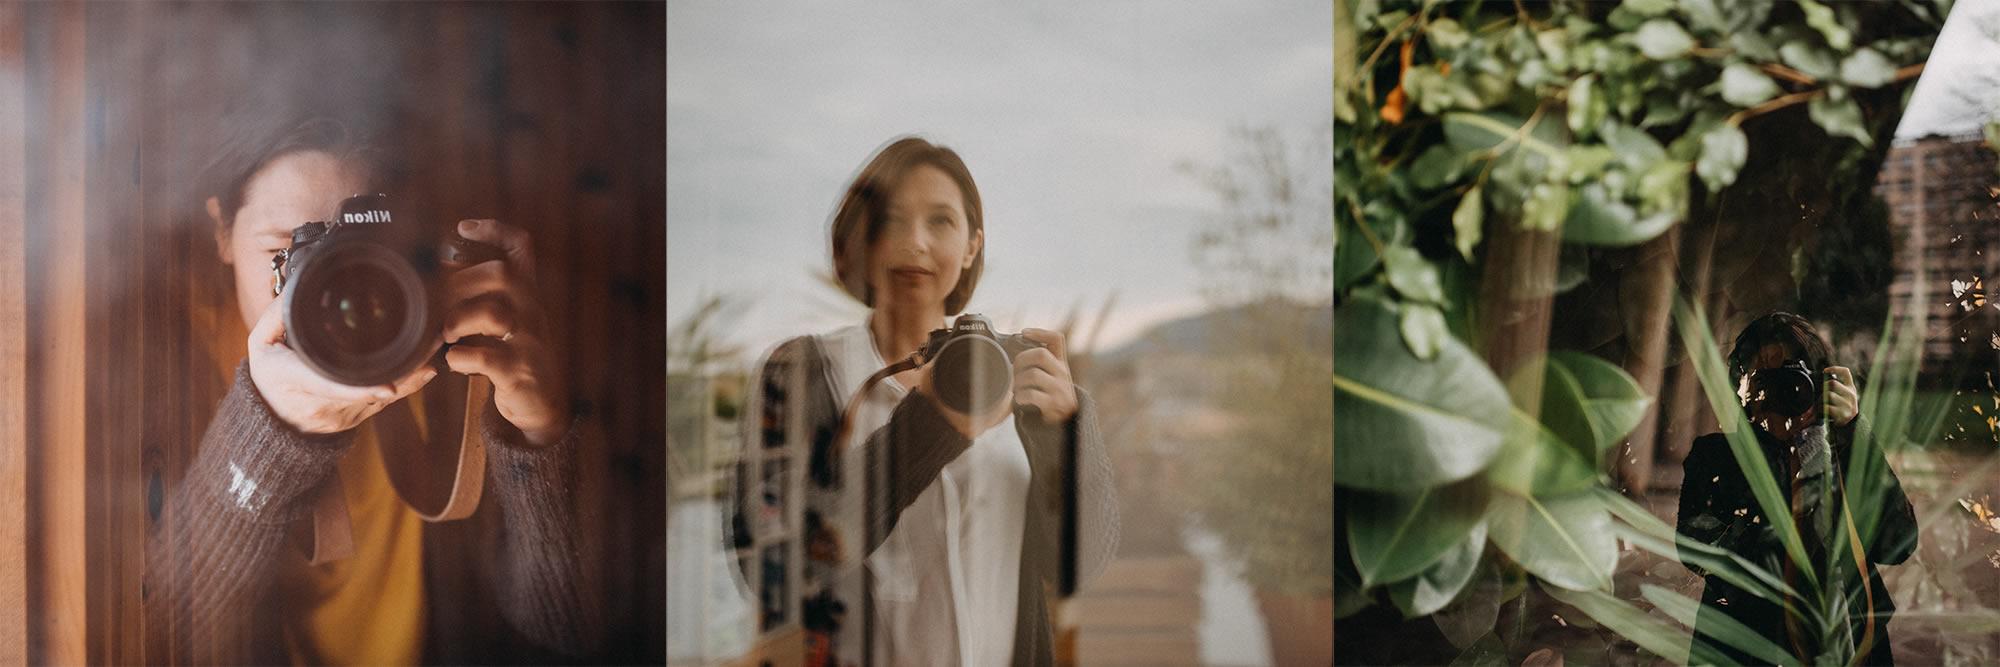 Qui suis-je ? Aurélie Stella, photographe Lifestyle, Documentaire, Portrait